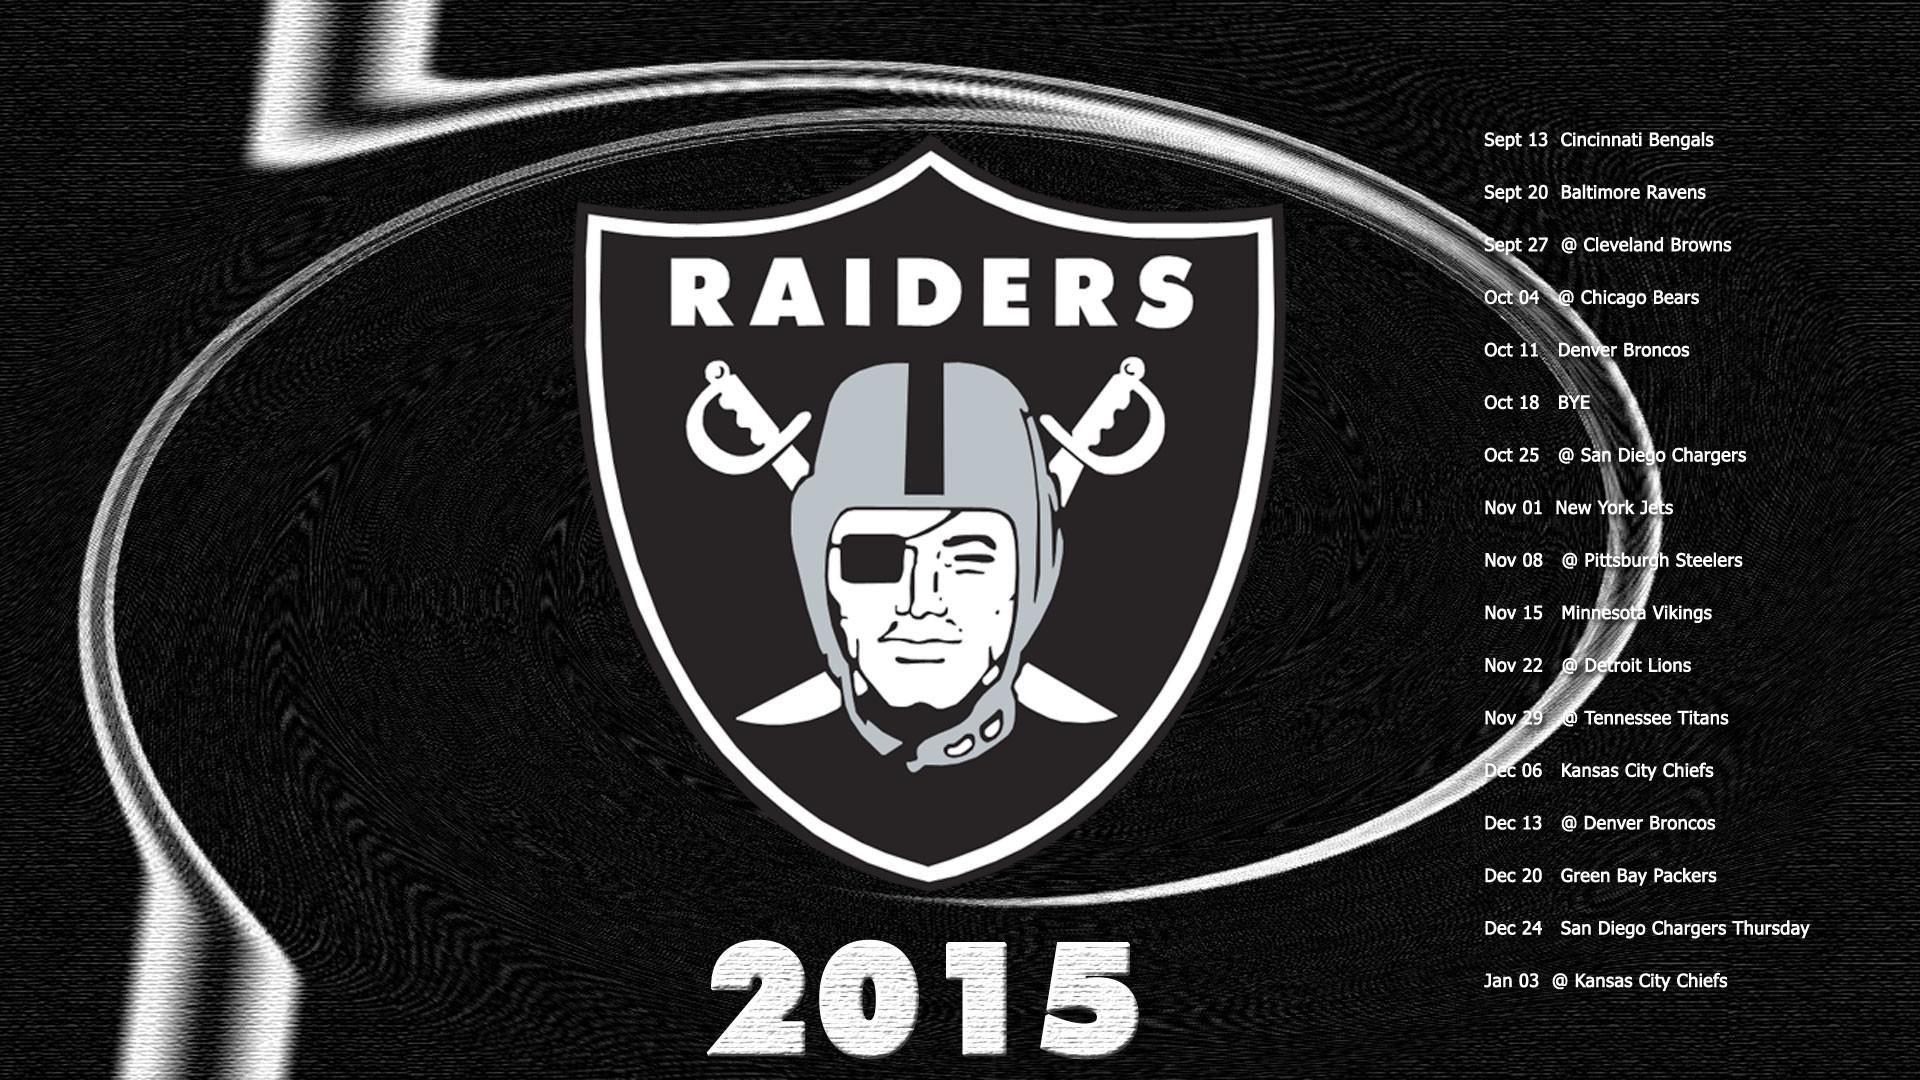 Raiders ...